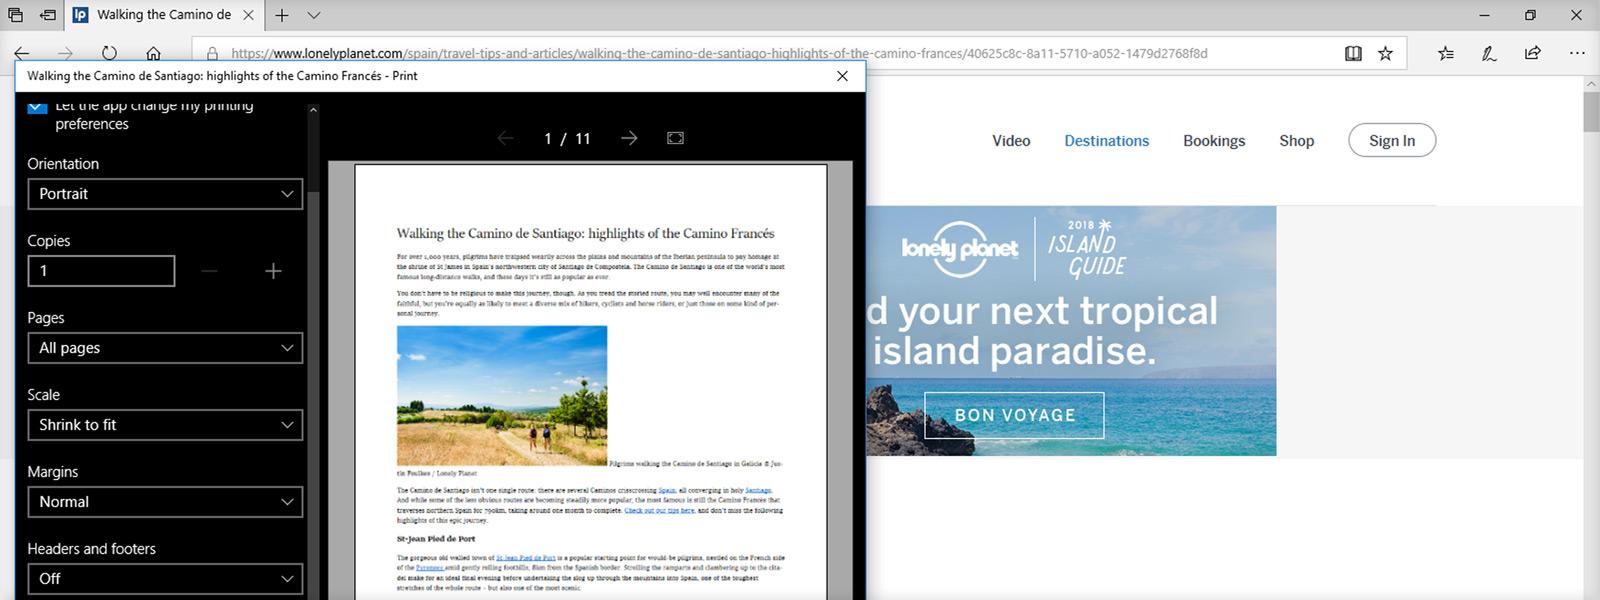 ภาพหน้าจอของตัวอย่างก่อนพิมพ์ใน Edge ซึ่งไม่มีโฆษณาที่ปรากฏบนหน้าเว็บ